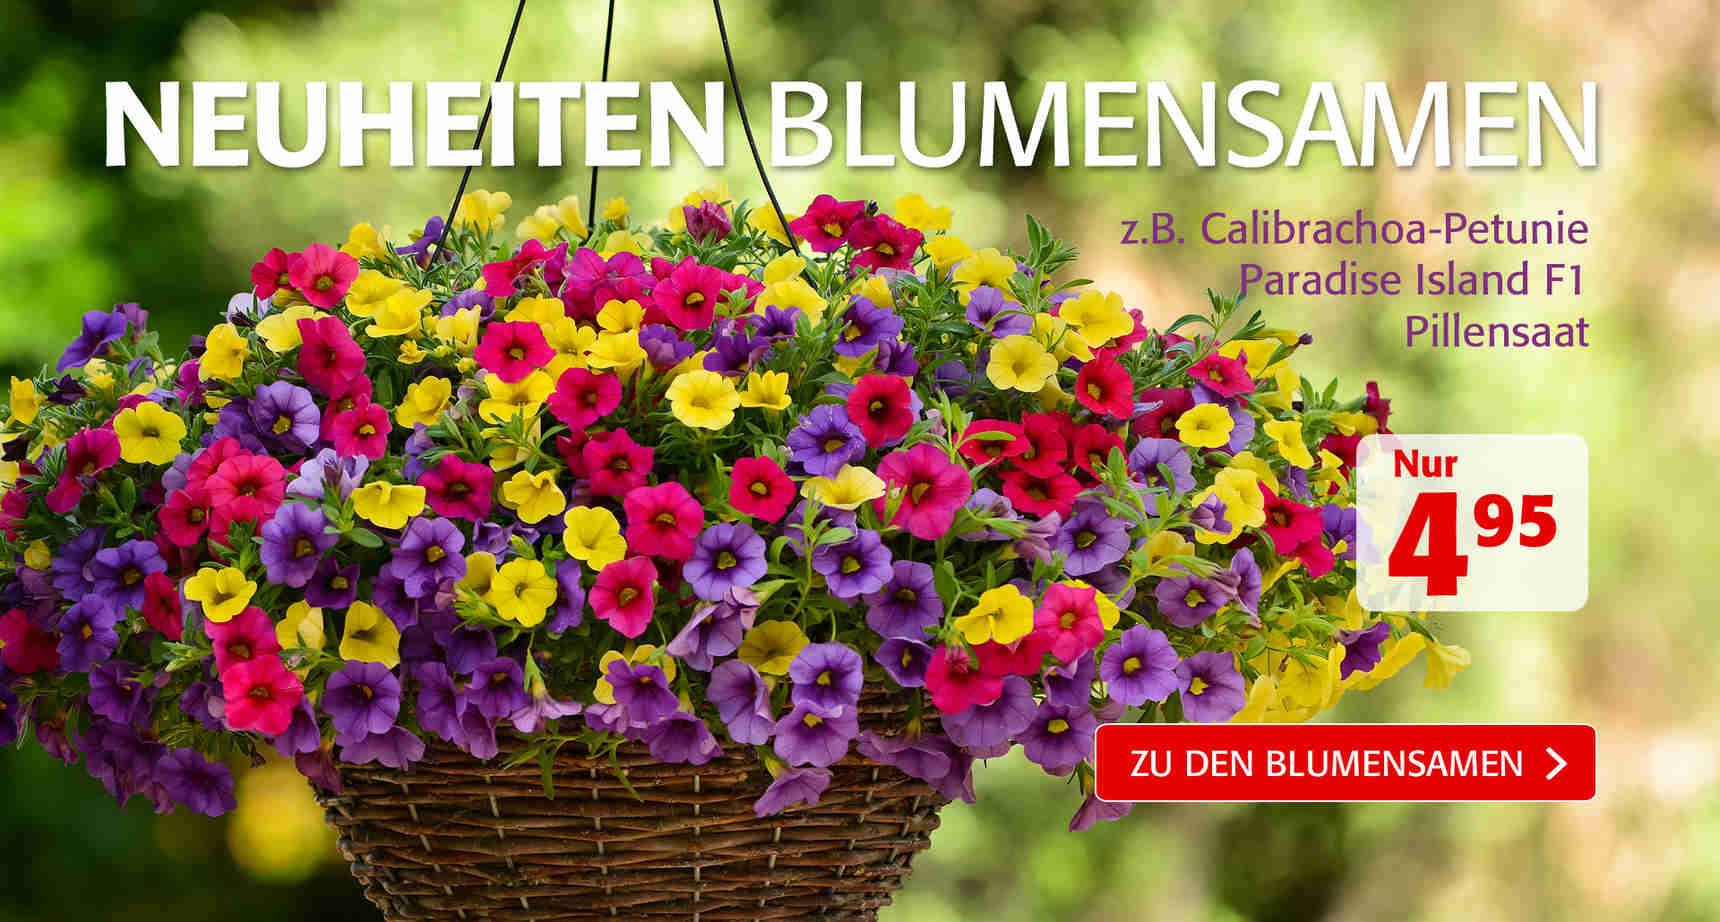 +++ (3) Blumensamen-Neuheiten +++ - 3